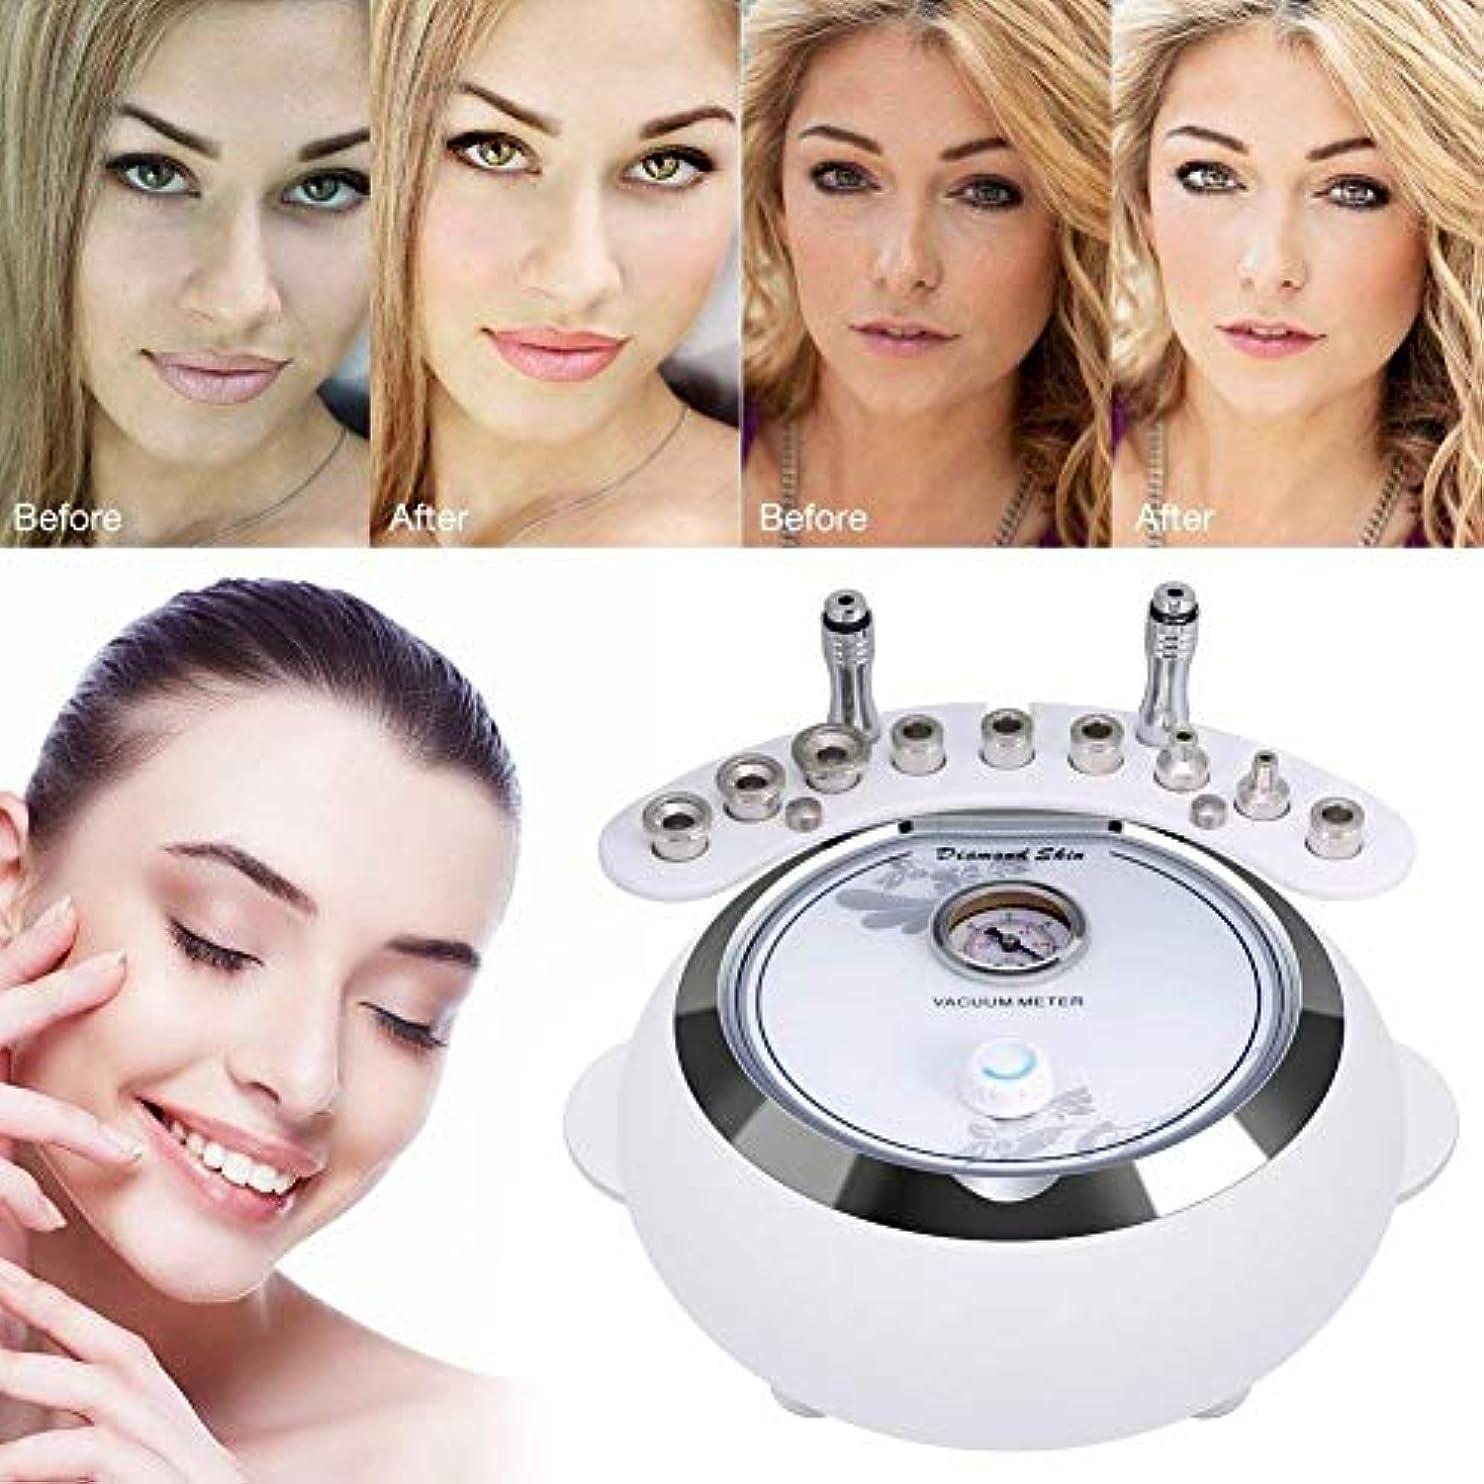 石鹸書き込み急いで1つのダイヤモンドのマイクロダーマブレーション機械に付き3つ、顔のスキンケアの大広間装置w/掃除機をかけて強い吸引力のダイヤモンドの頭部の美装置